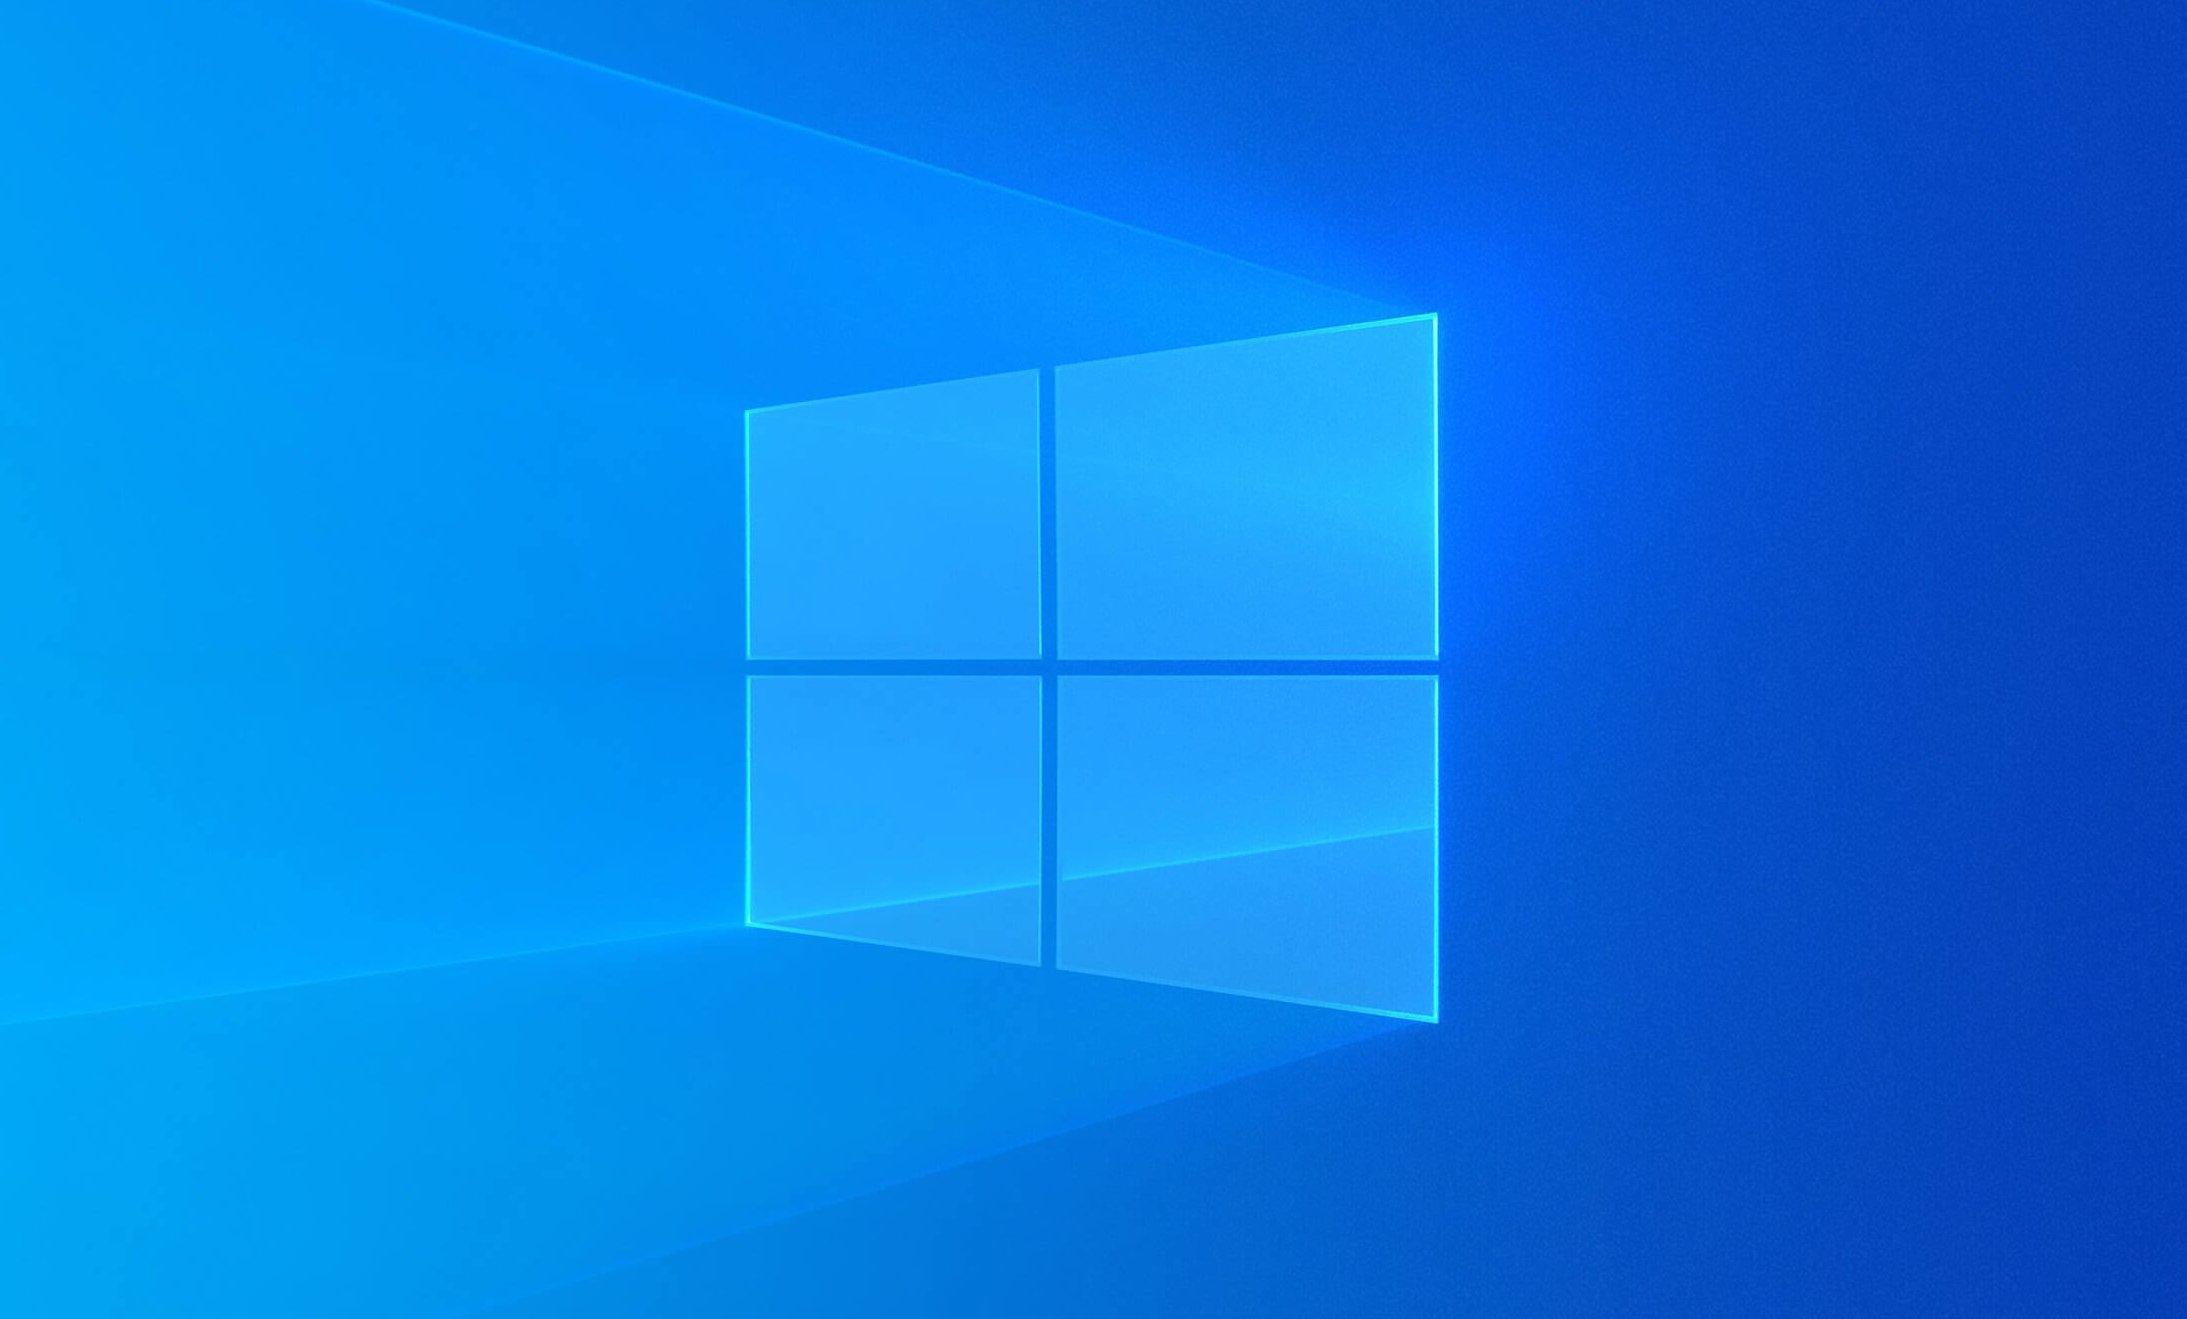 مایکروسافت در پی تغییر اساسی ظاهر ویندوز ۱۰ است